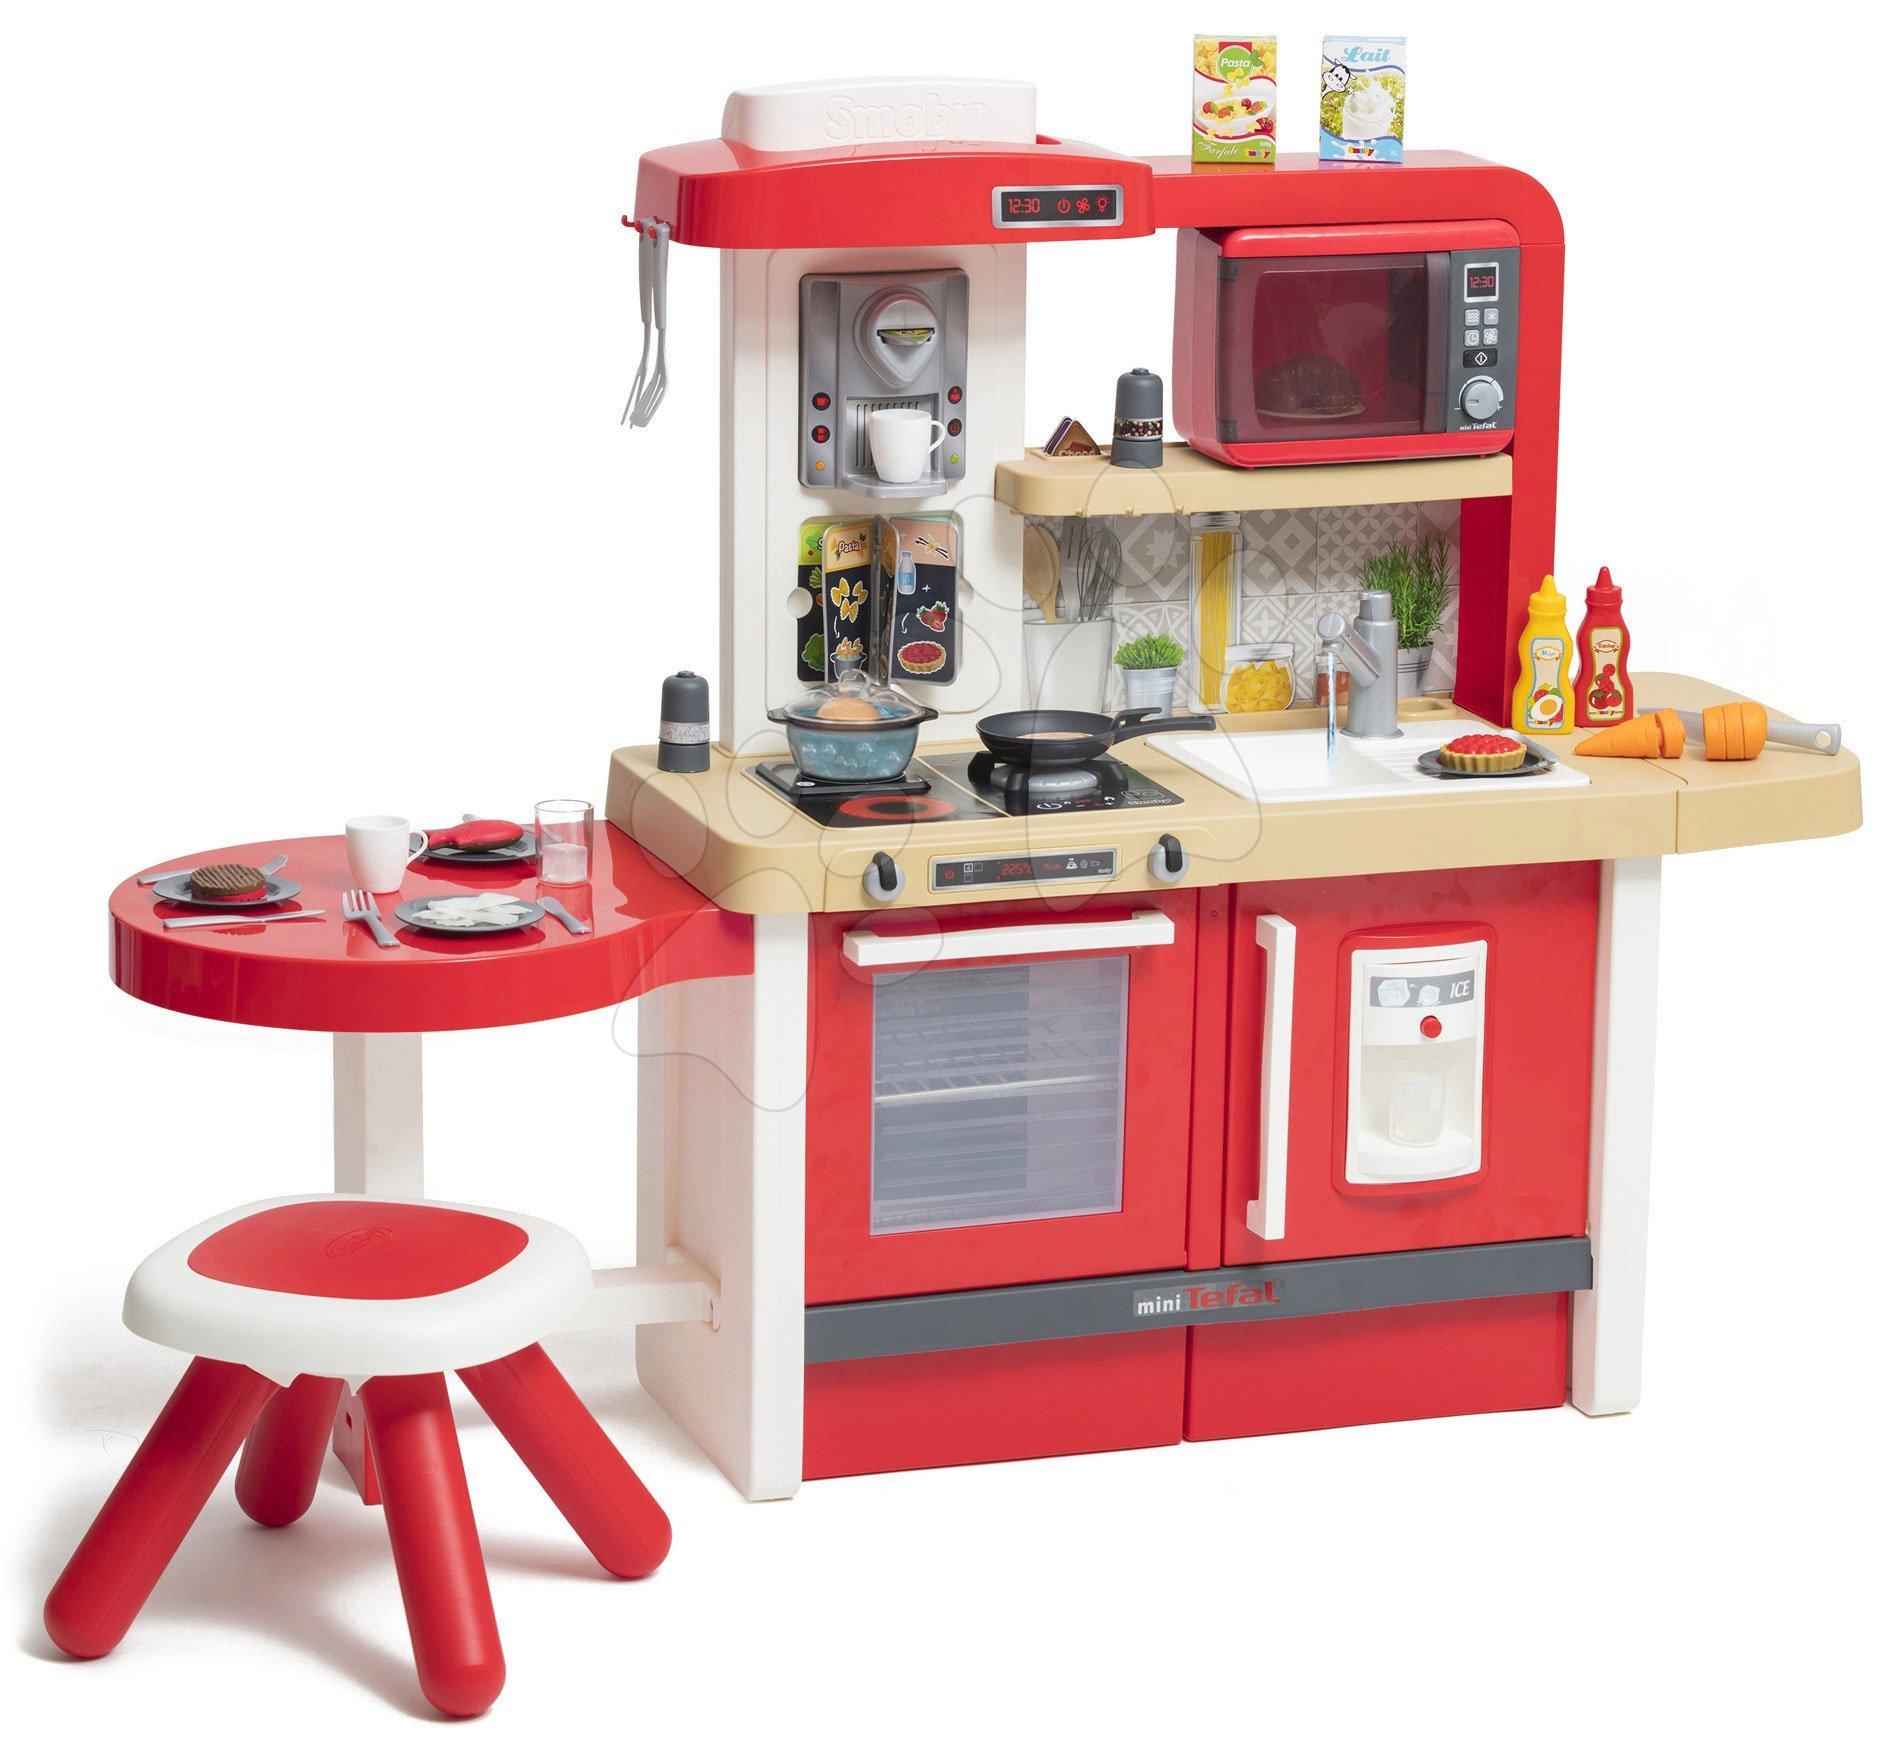 Elektronické kuchynky - Kuchynka rastúca s tečúcou vodou Tefal Evolutive Gourment Smoby s červenou mikrovlnkou so zvukom a svetlom